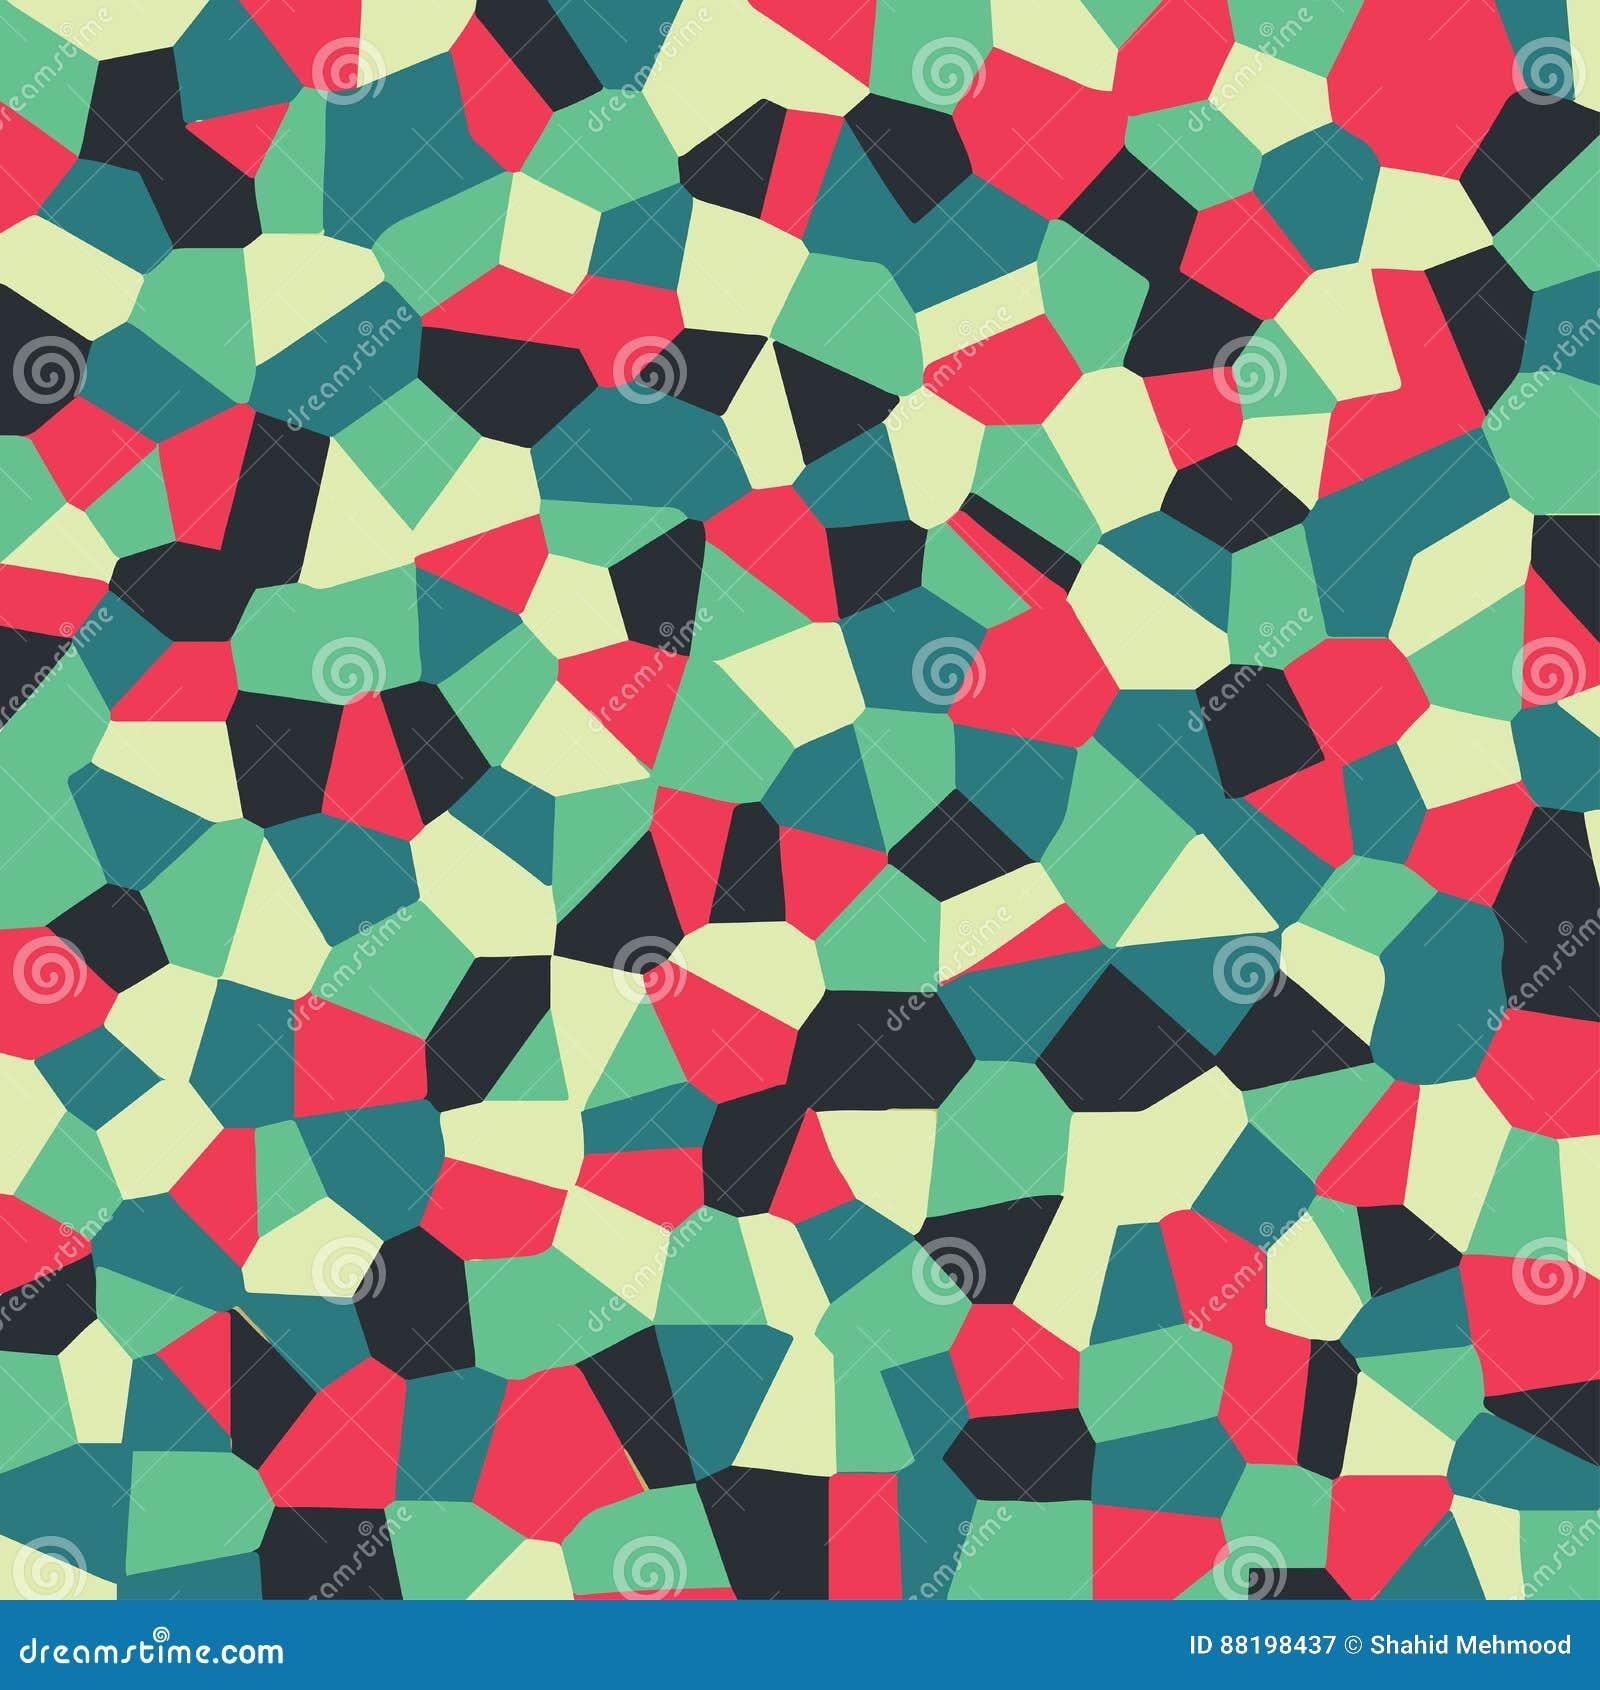 abstraktes mosaik-muster, muster-mosaik-fliesen-beschaffenheit